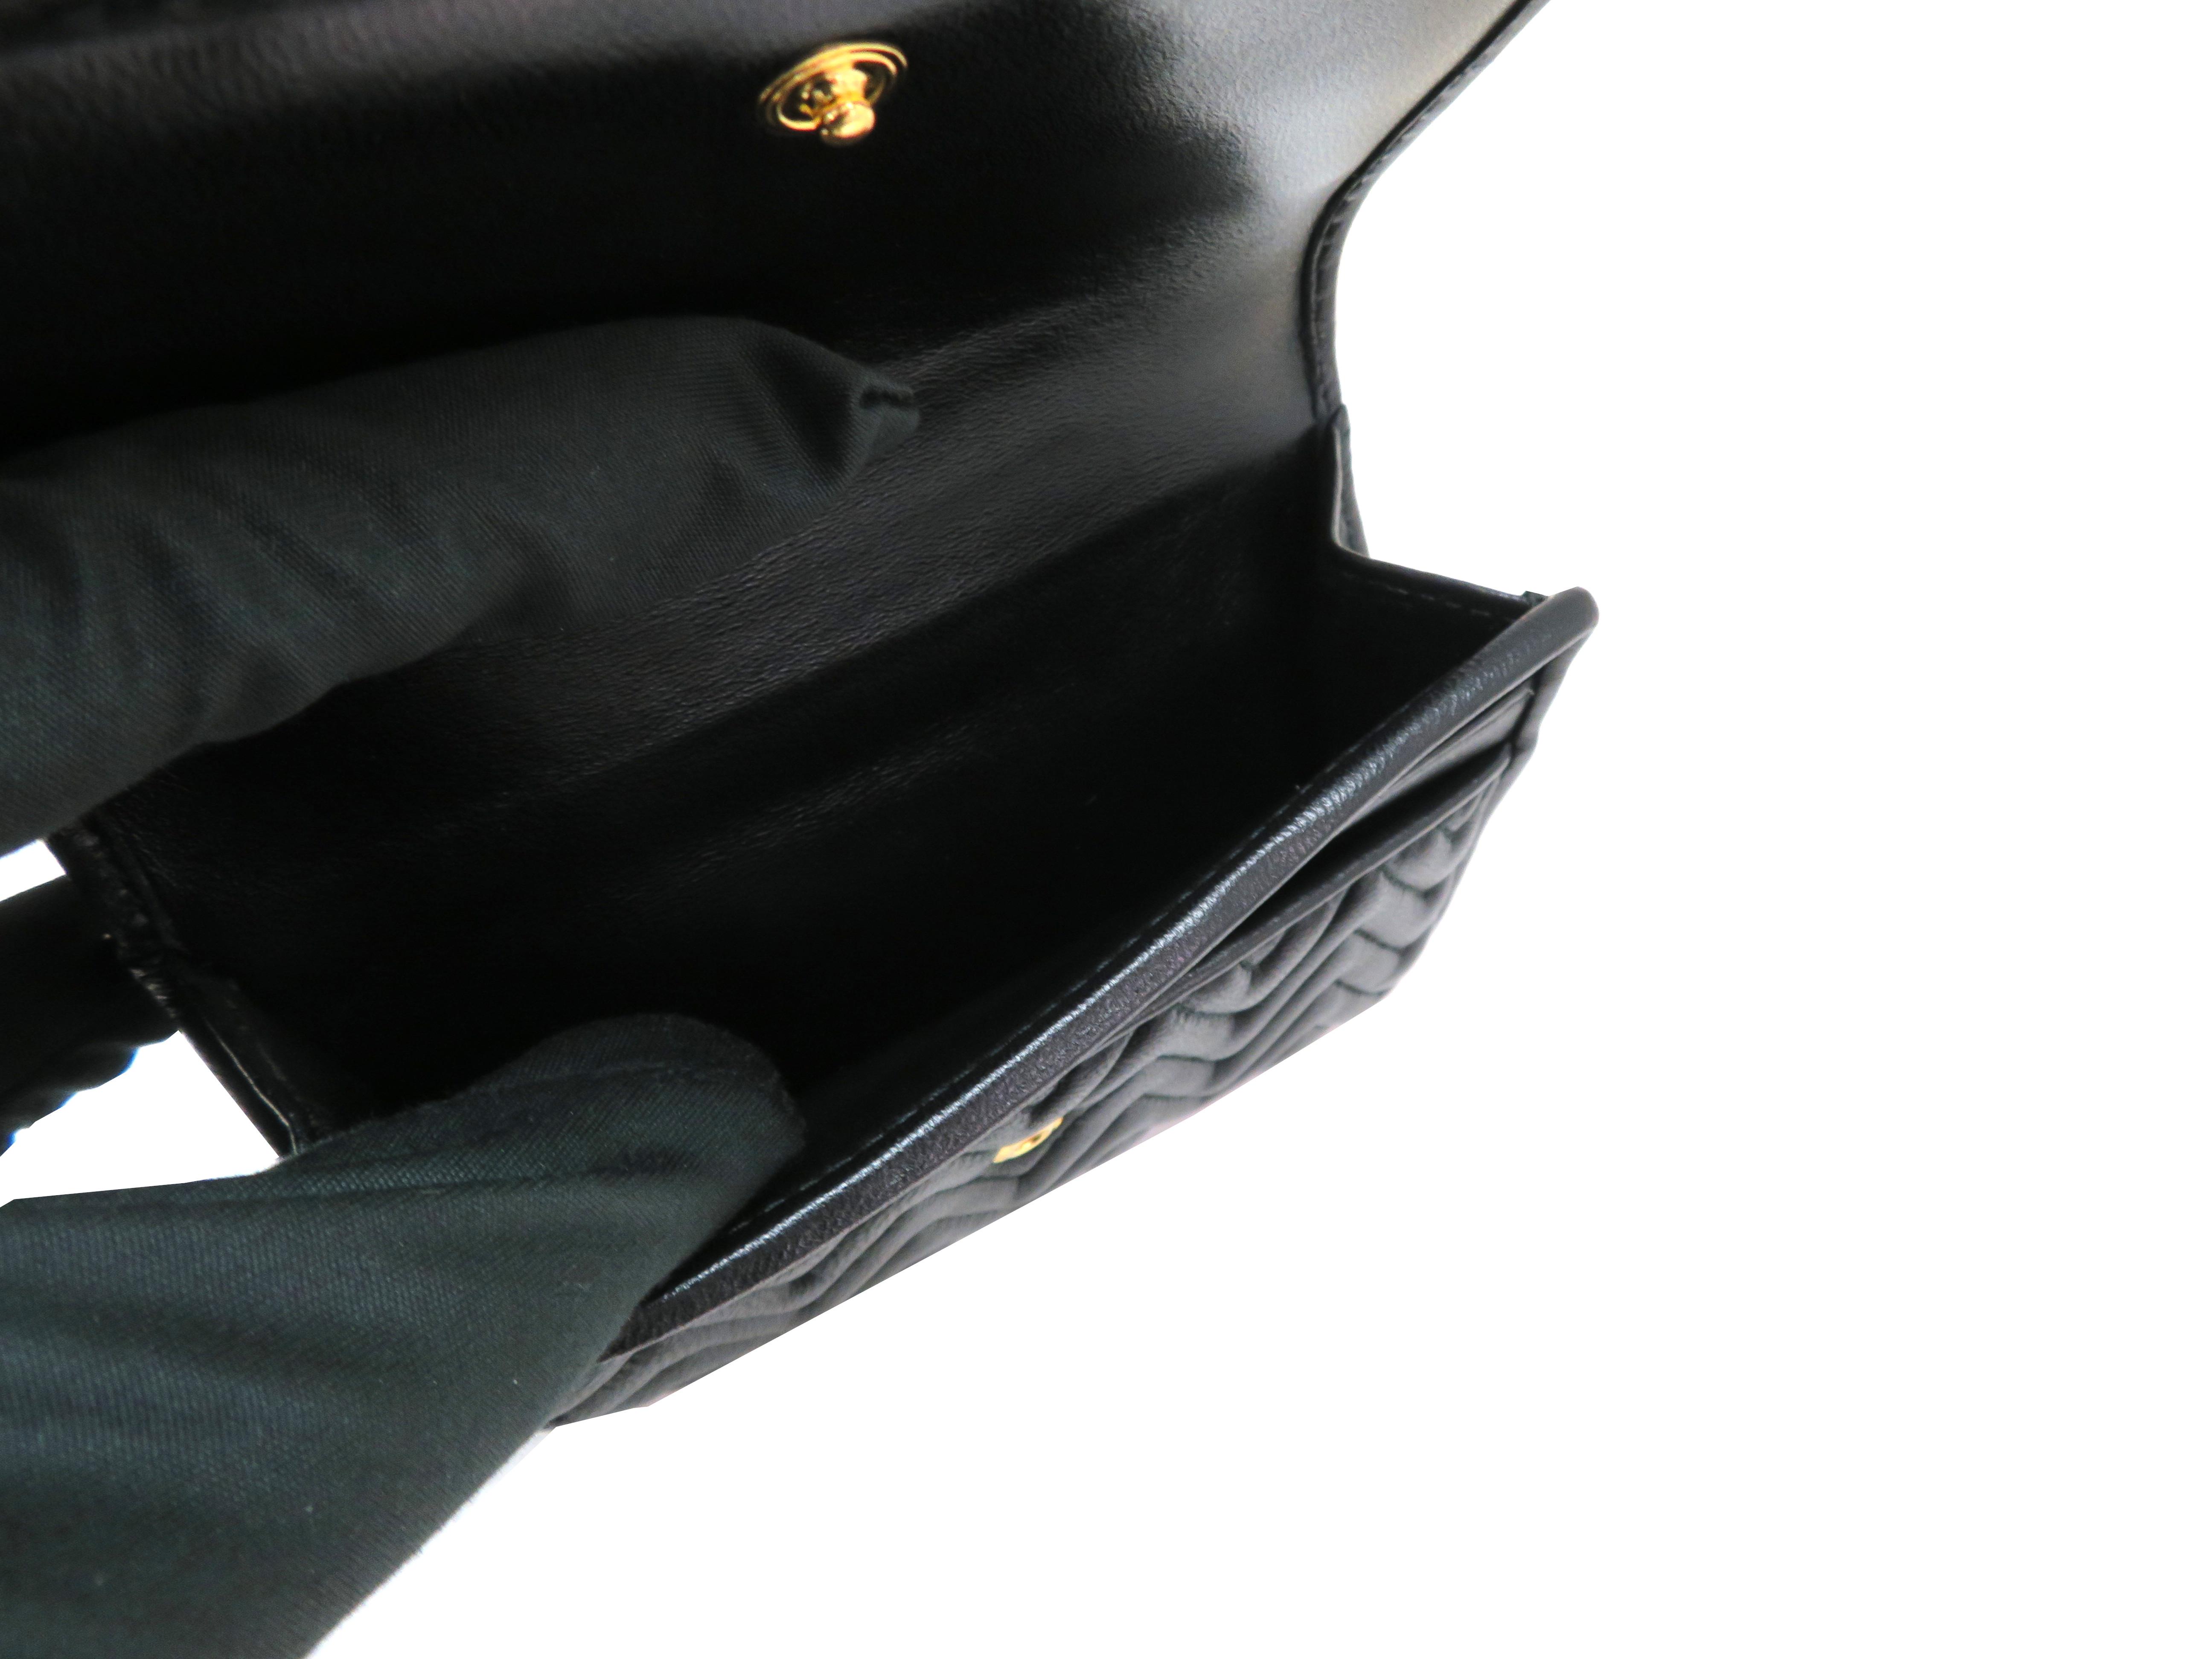 miumiu ミュウミュウ 財布 Wホックコンパクト財布 ブラック ラムスキン 5MH523 【204】 image number 6